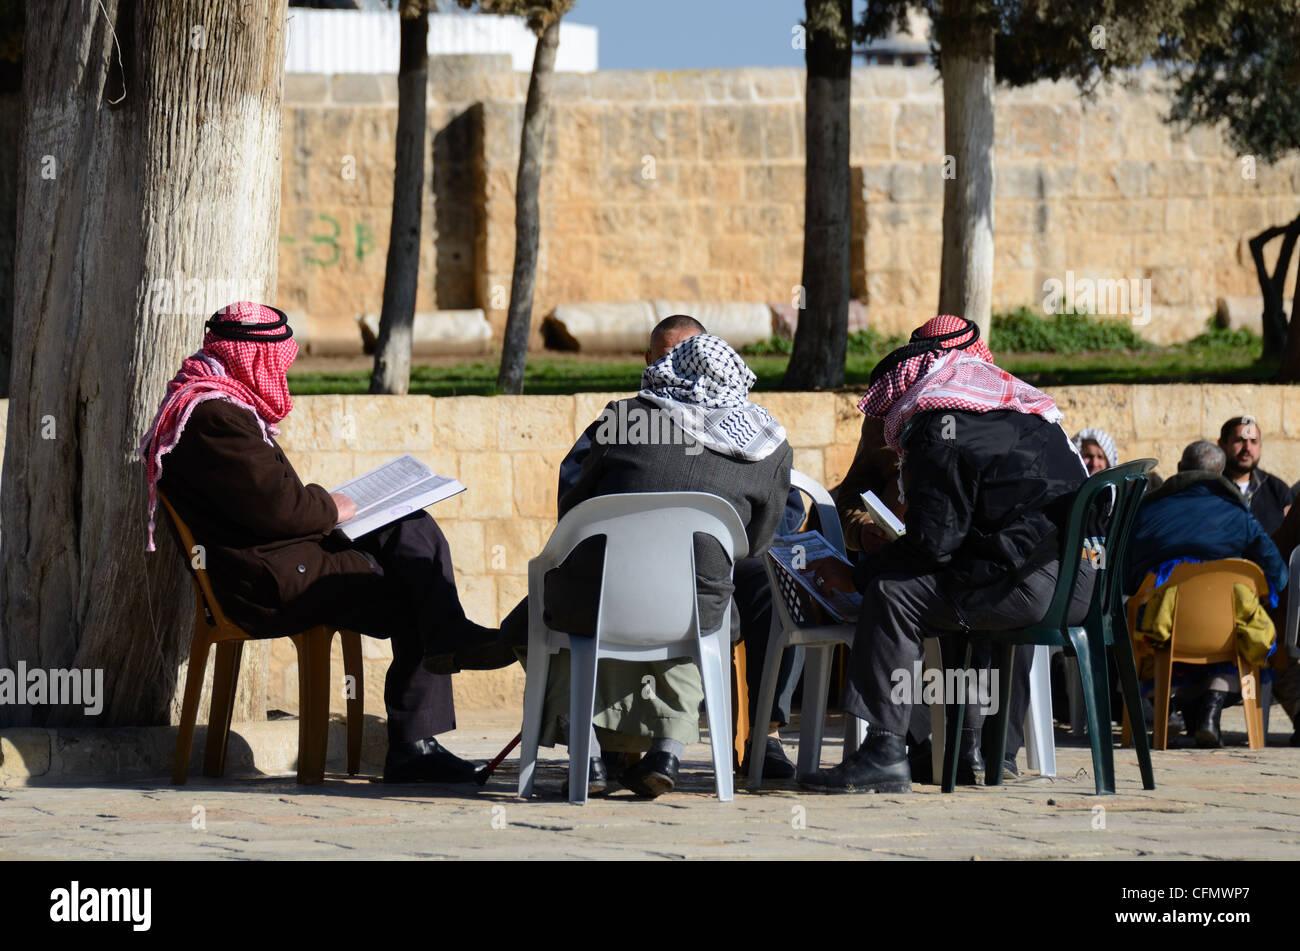 Religiosi islamici discussione sulla cima del Monte del Tempio nella città vecchia di Gerusalemme, Israele. Immagini Stock